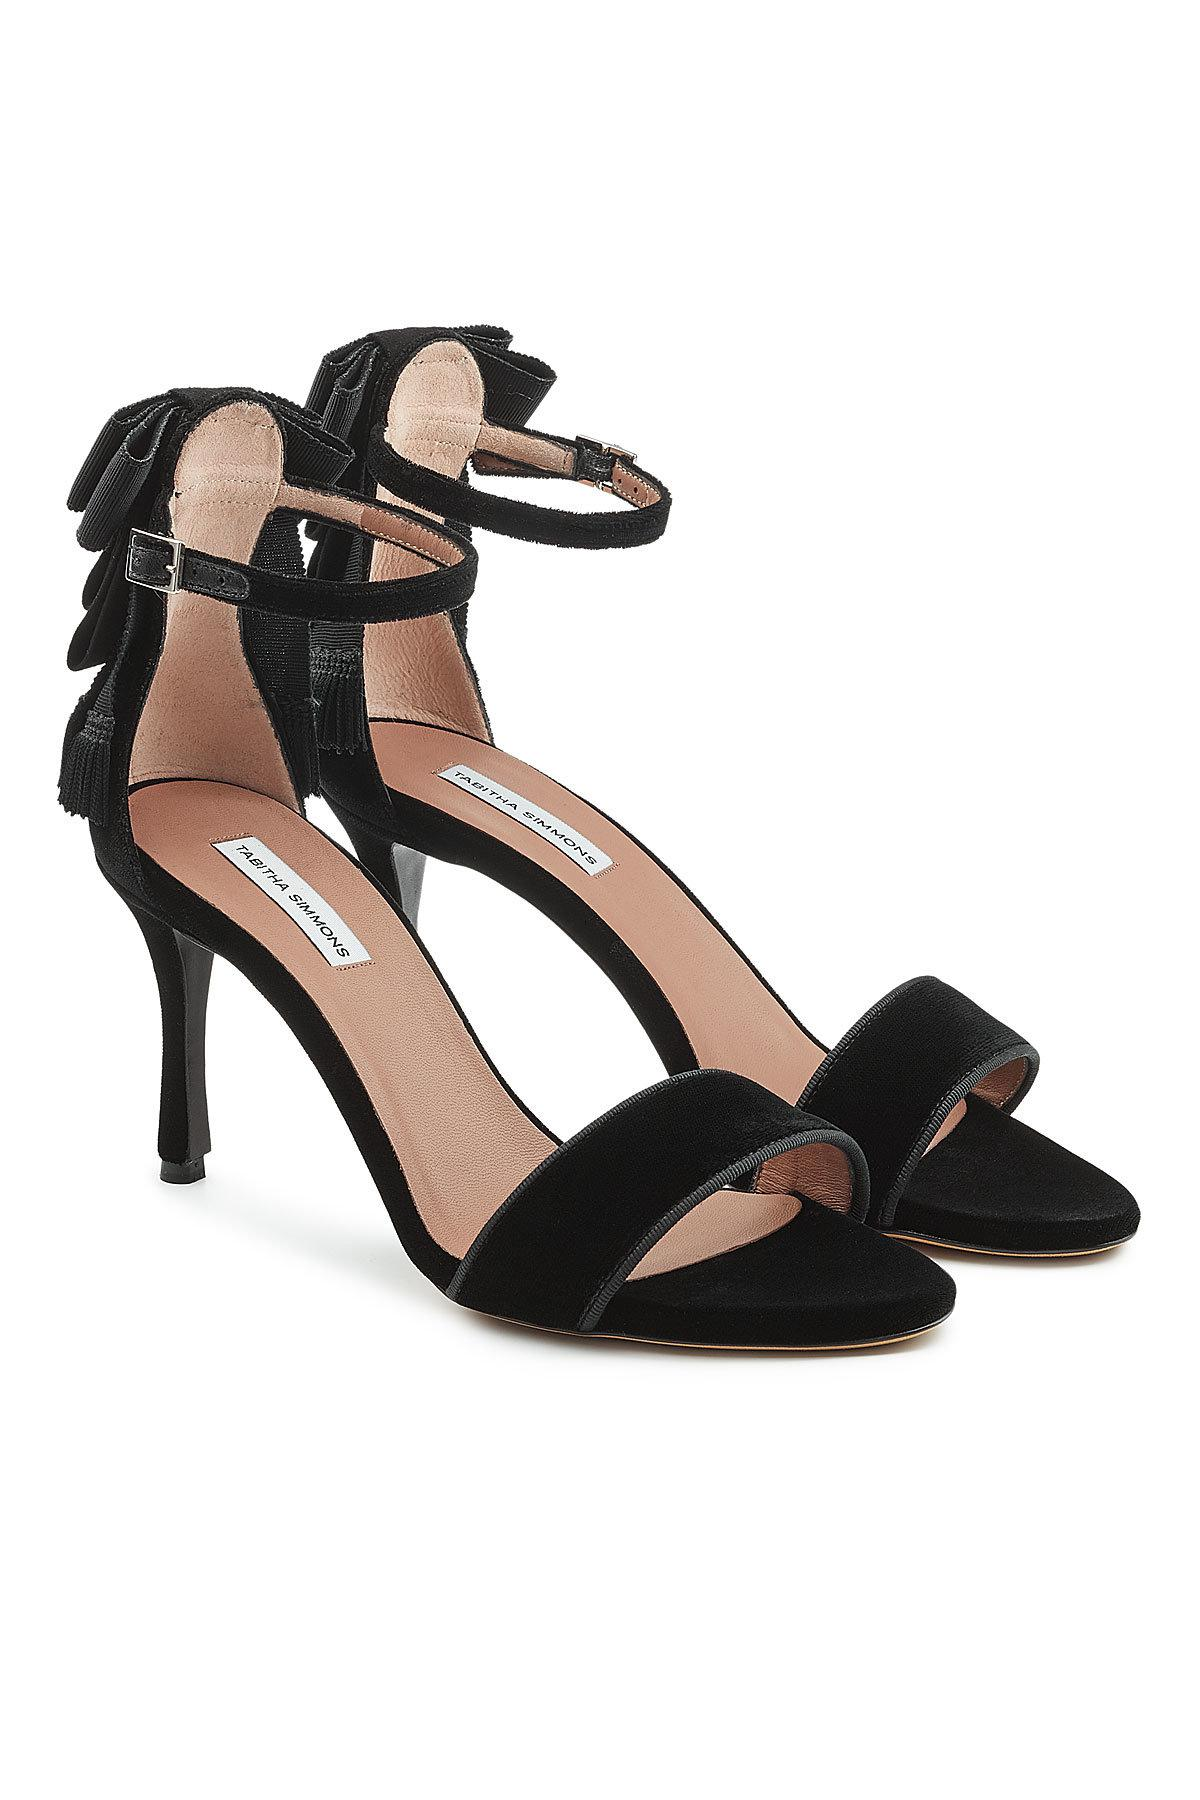 Tabitha Simmons Women's Frances Velvet Ankle Bow High-Heel Sandals 9MIi1at